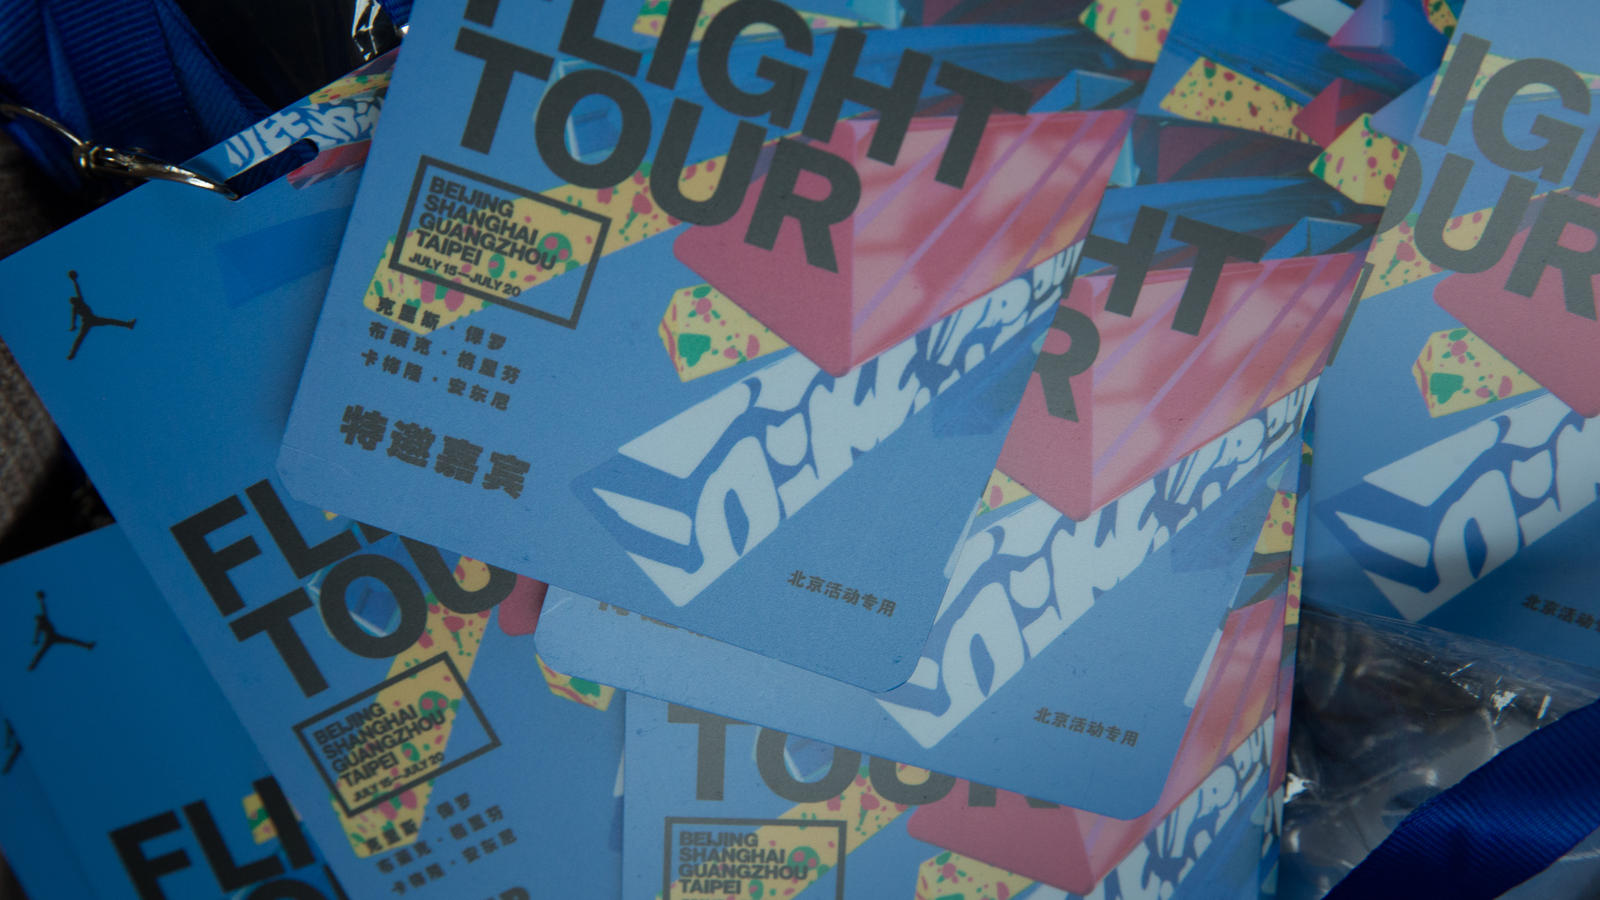 130715-1025-flighttour-tdf_0013